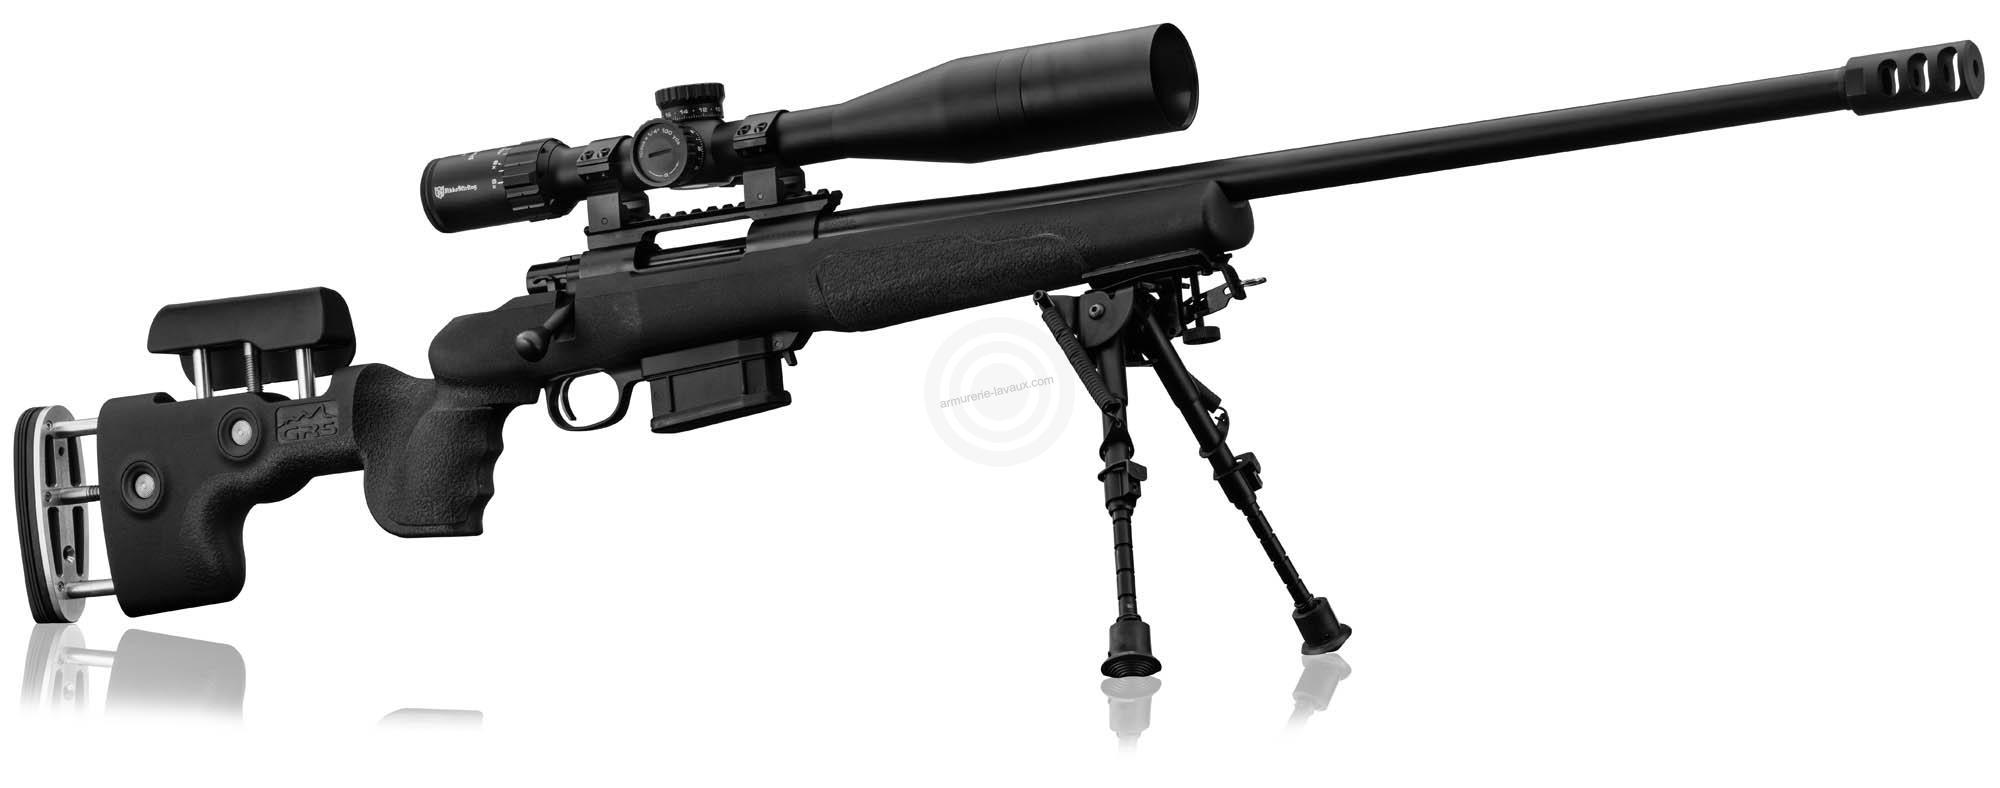 Carabine tir longue distance sur Armurerie-Lavaux